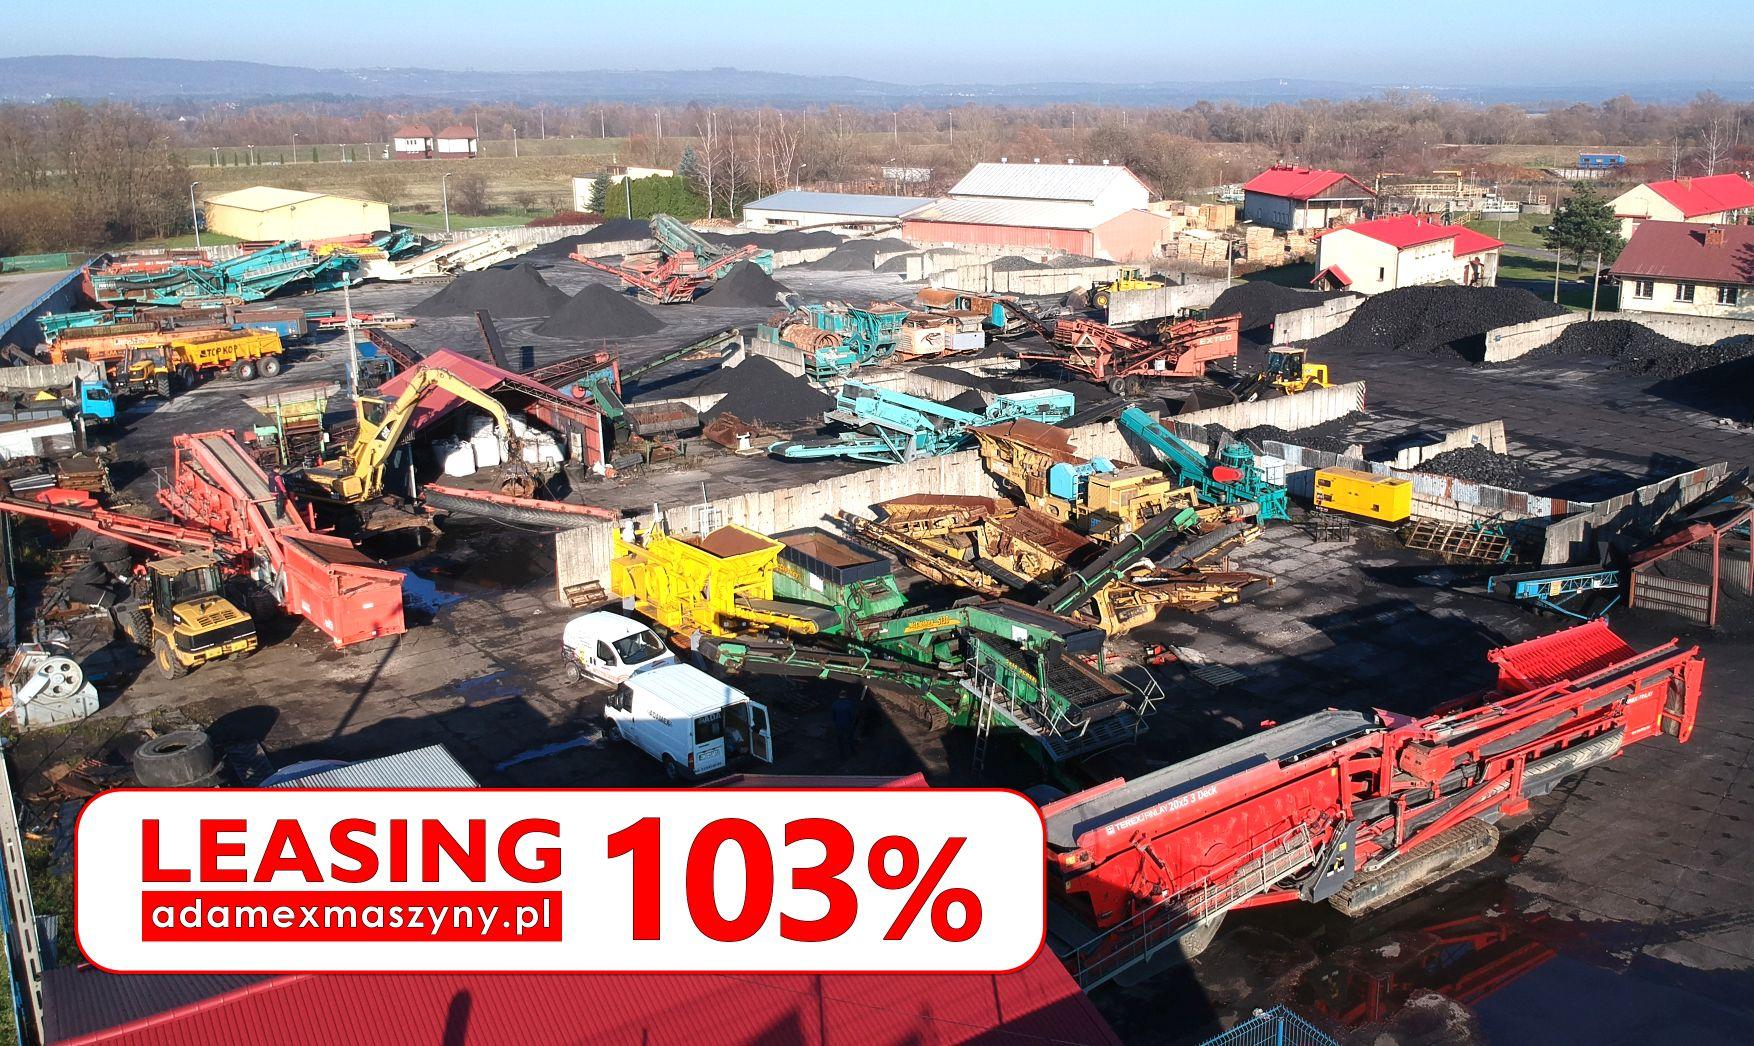 Maszyny budowlane od firmy ADAMEX w promocyjnym LEASINGU 103%*